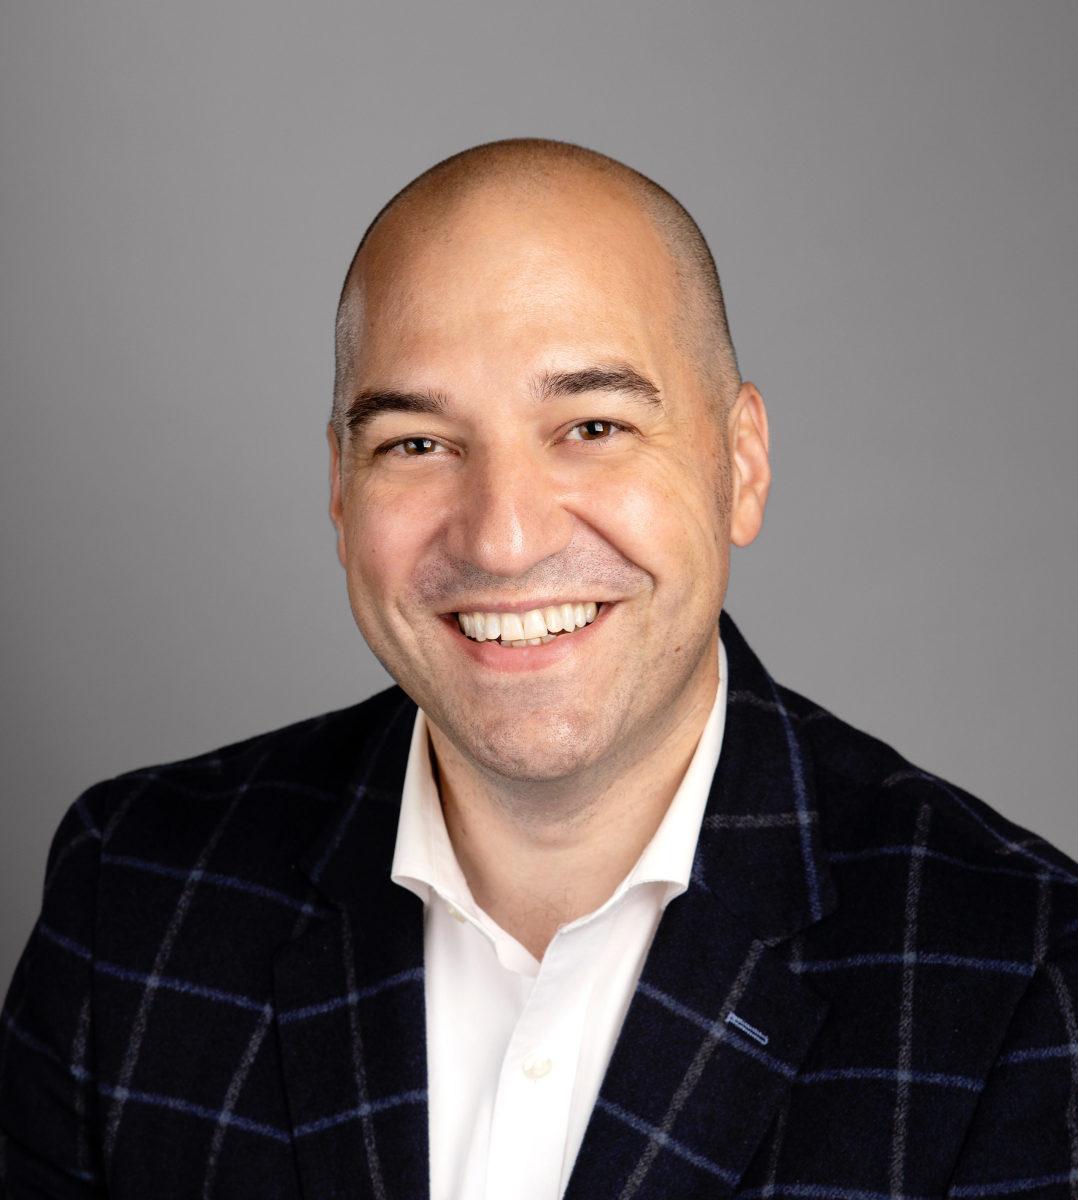 Michael Oviedo